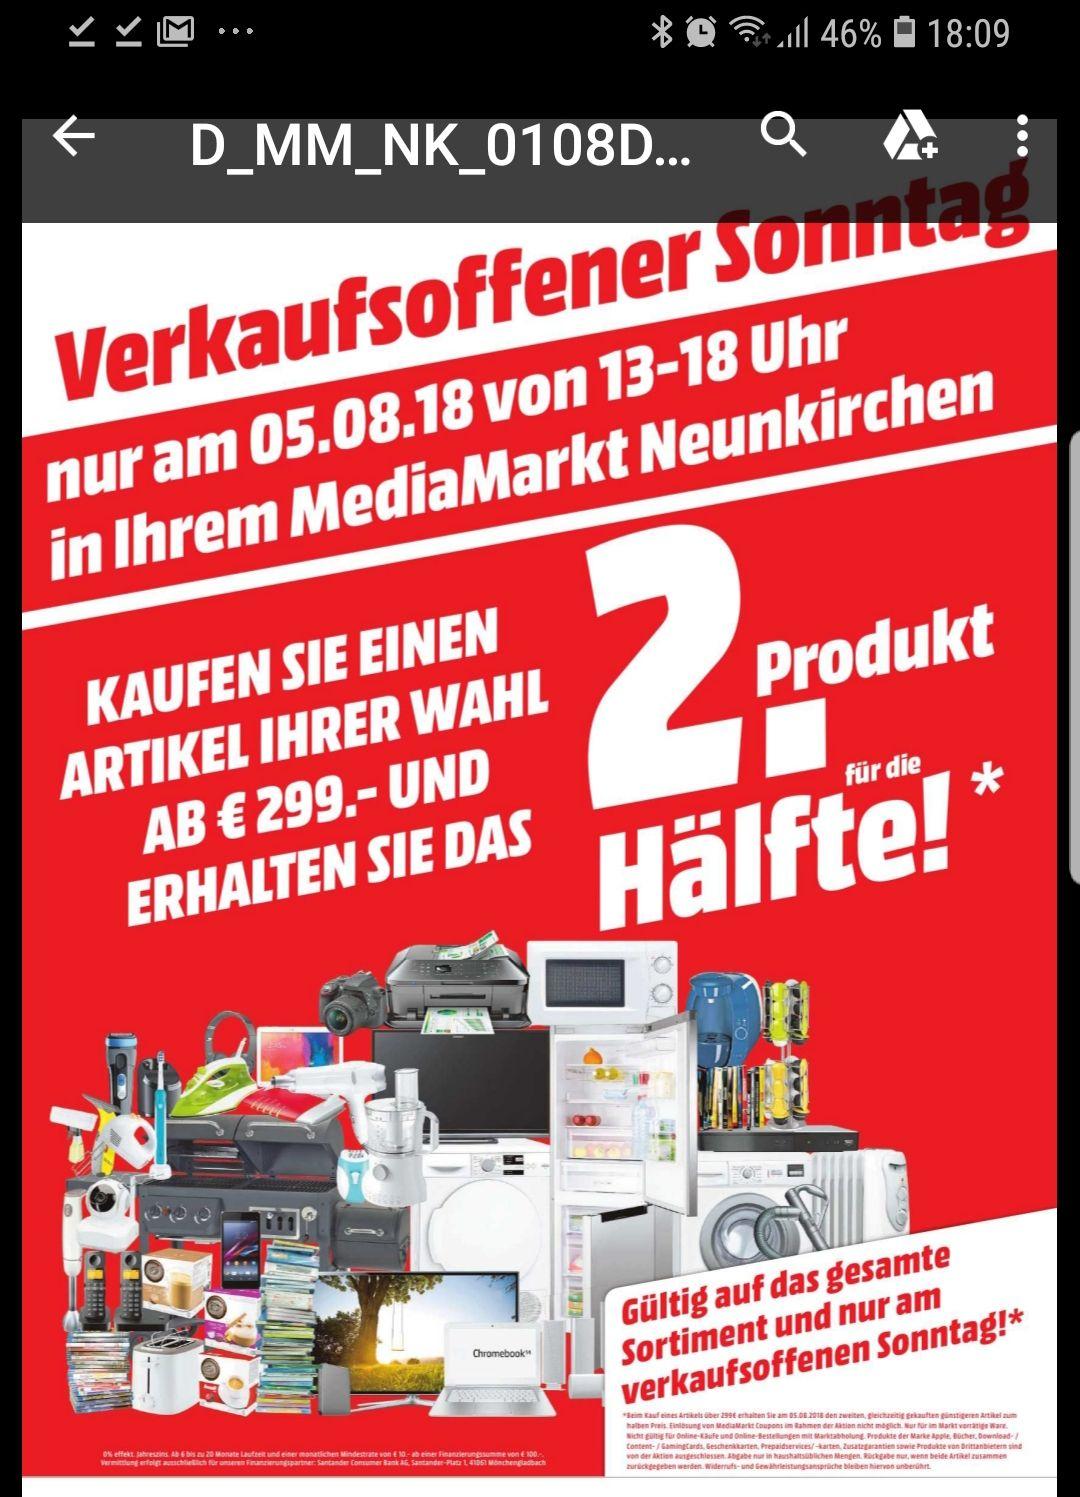 [Lokal Media-Markt Neunkirchen 66538] 50% auf 2. günstigeres gekauftes Produkt (ab 299 Euro) *Verkaufsoffener Sonntag*